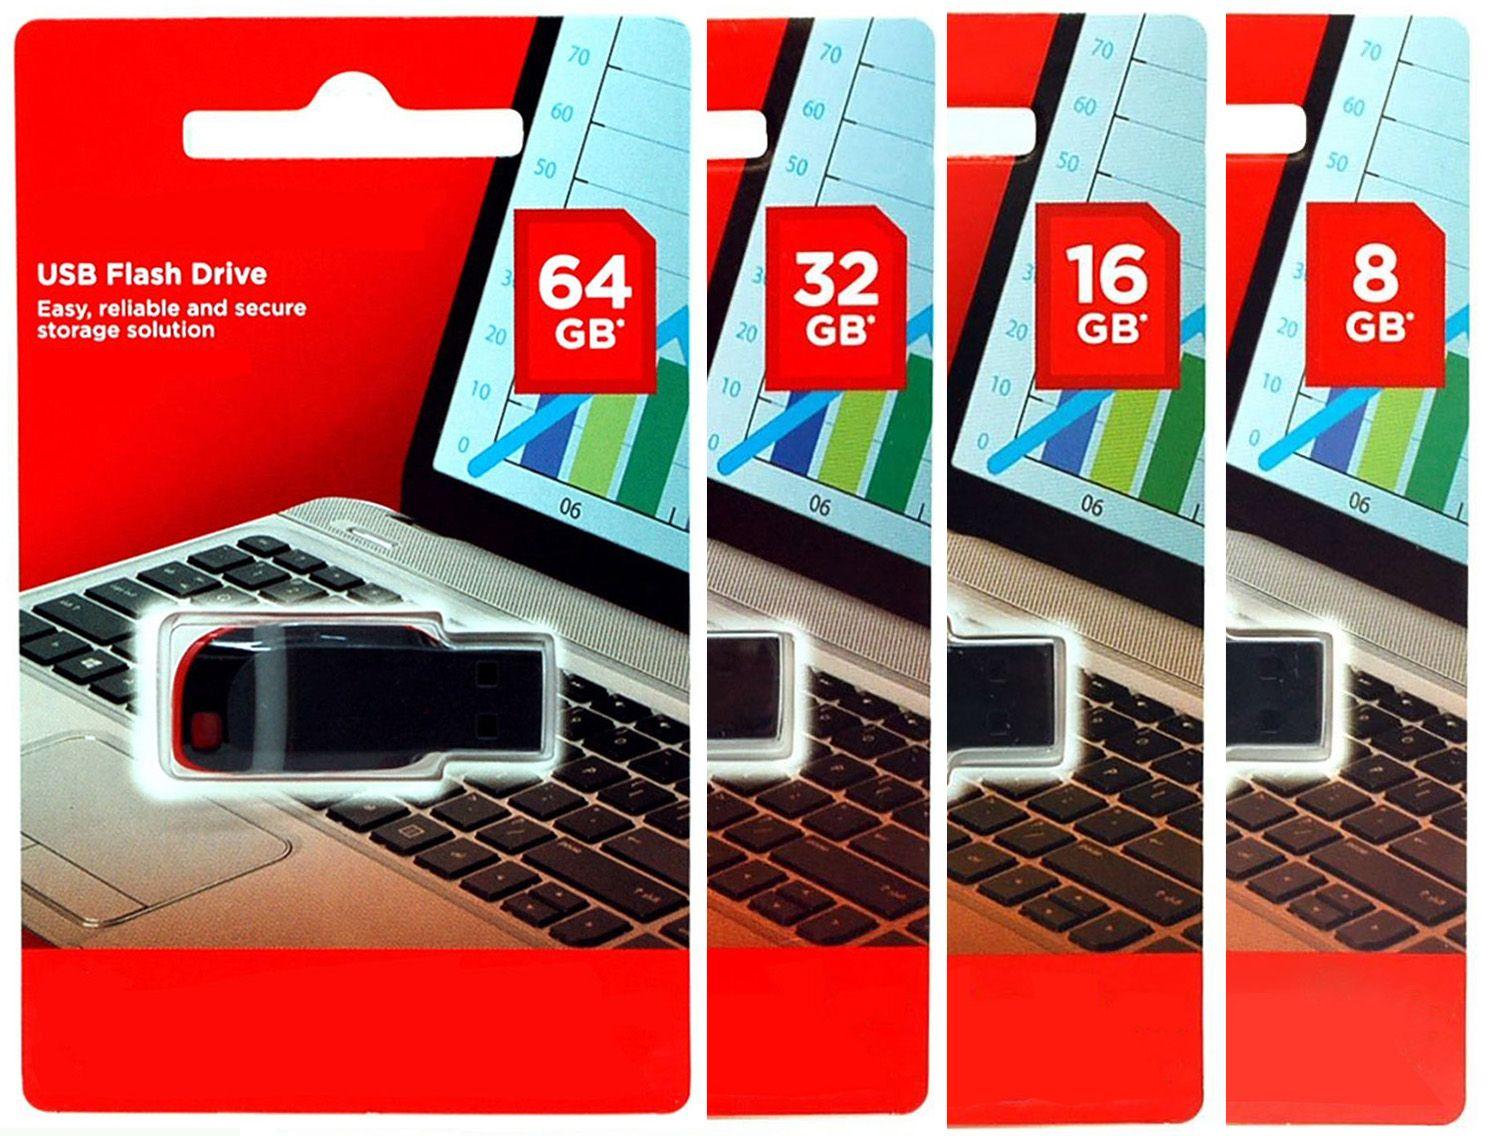 100% Capacidad real Unidades Flash USB 4GB 8GB 16GB 32GB 64GB USB 2.0 Memory Sticks Plastic U Disk Memory Stick High Speed